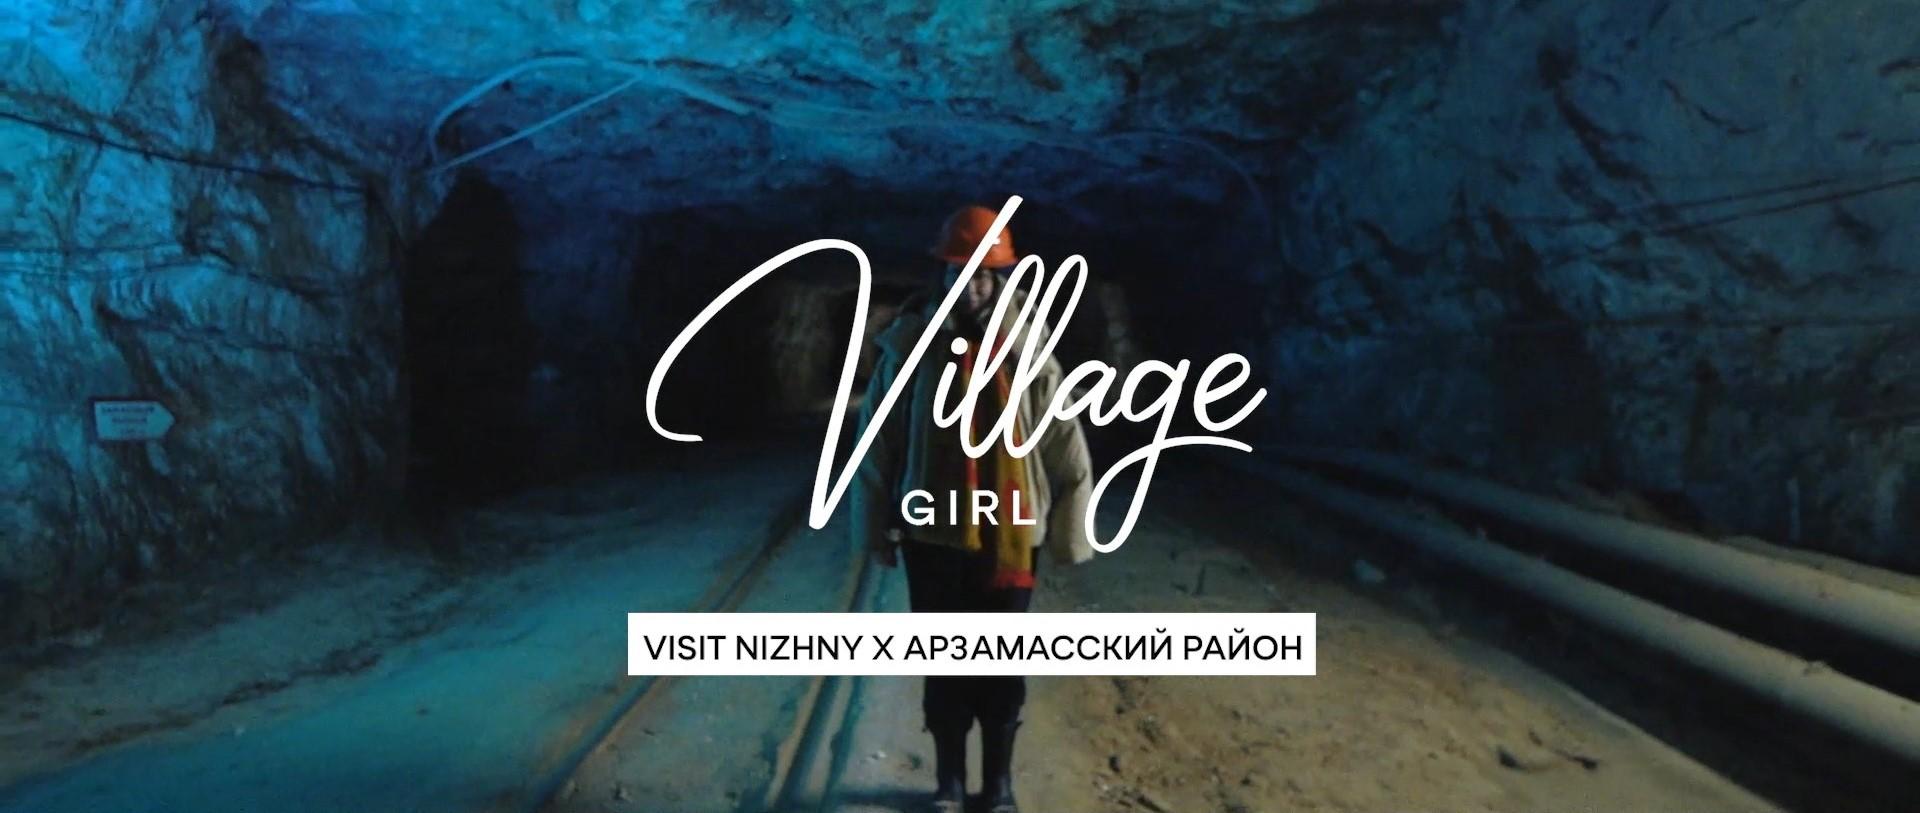 Посетить Арзамасский район Нижегородской области теперь можно в виртуальном режиме